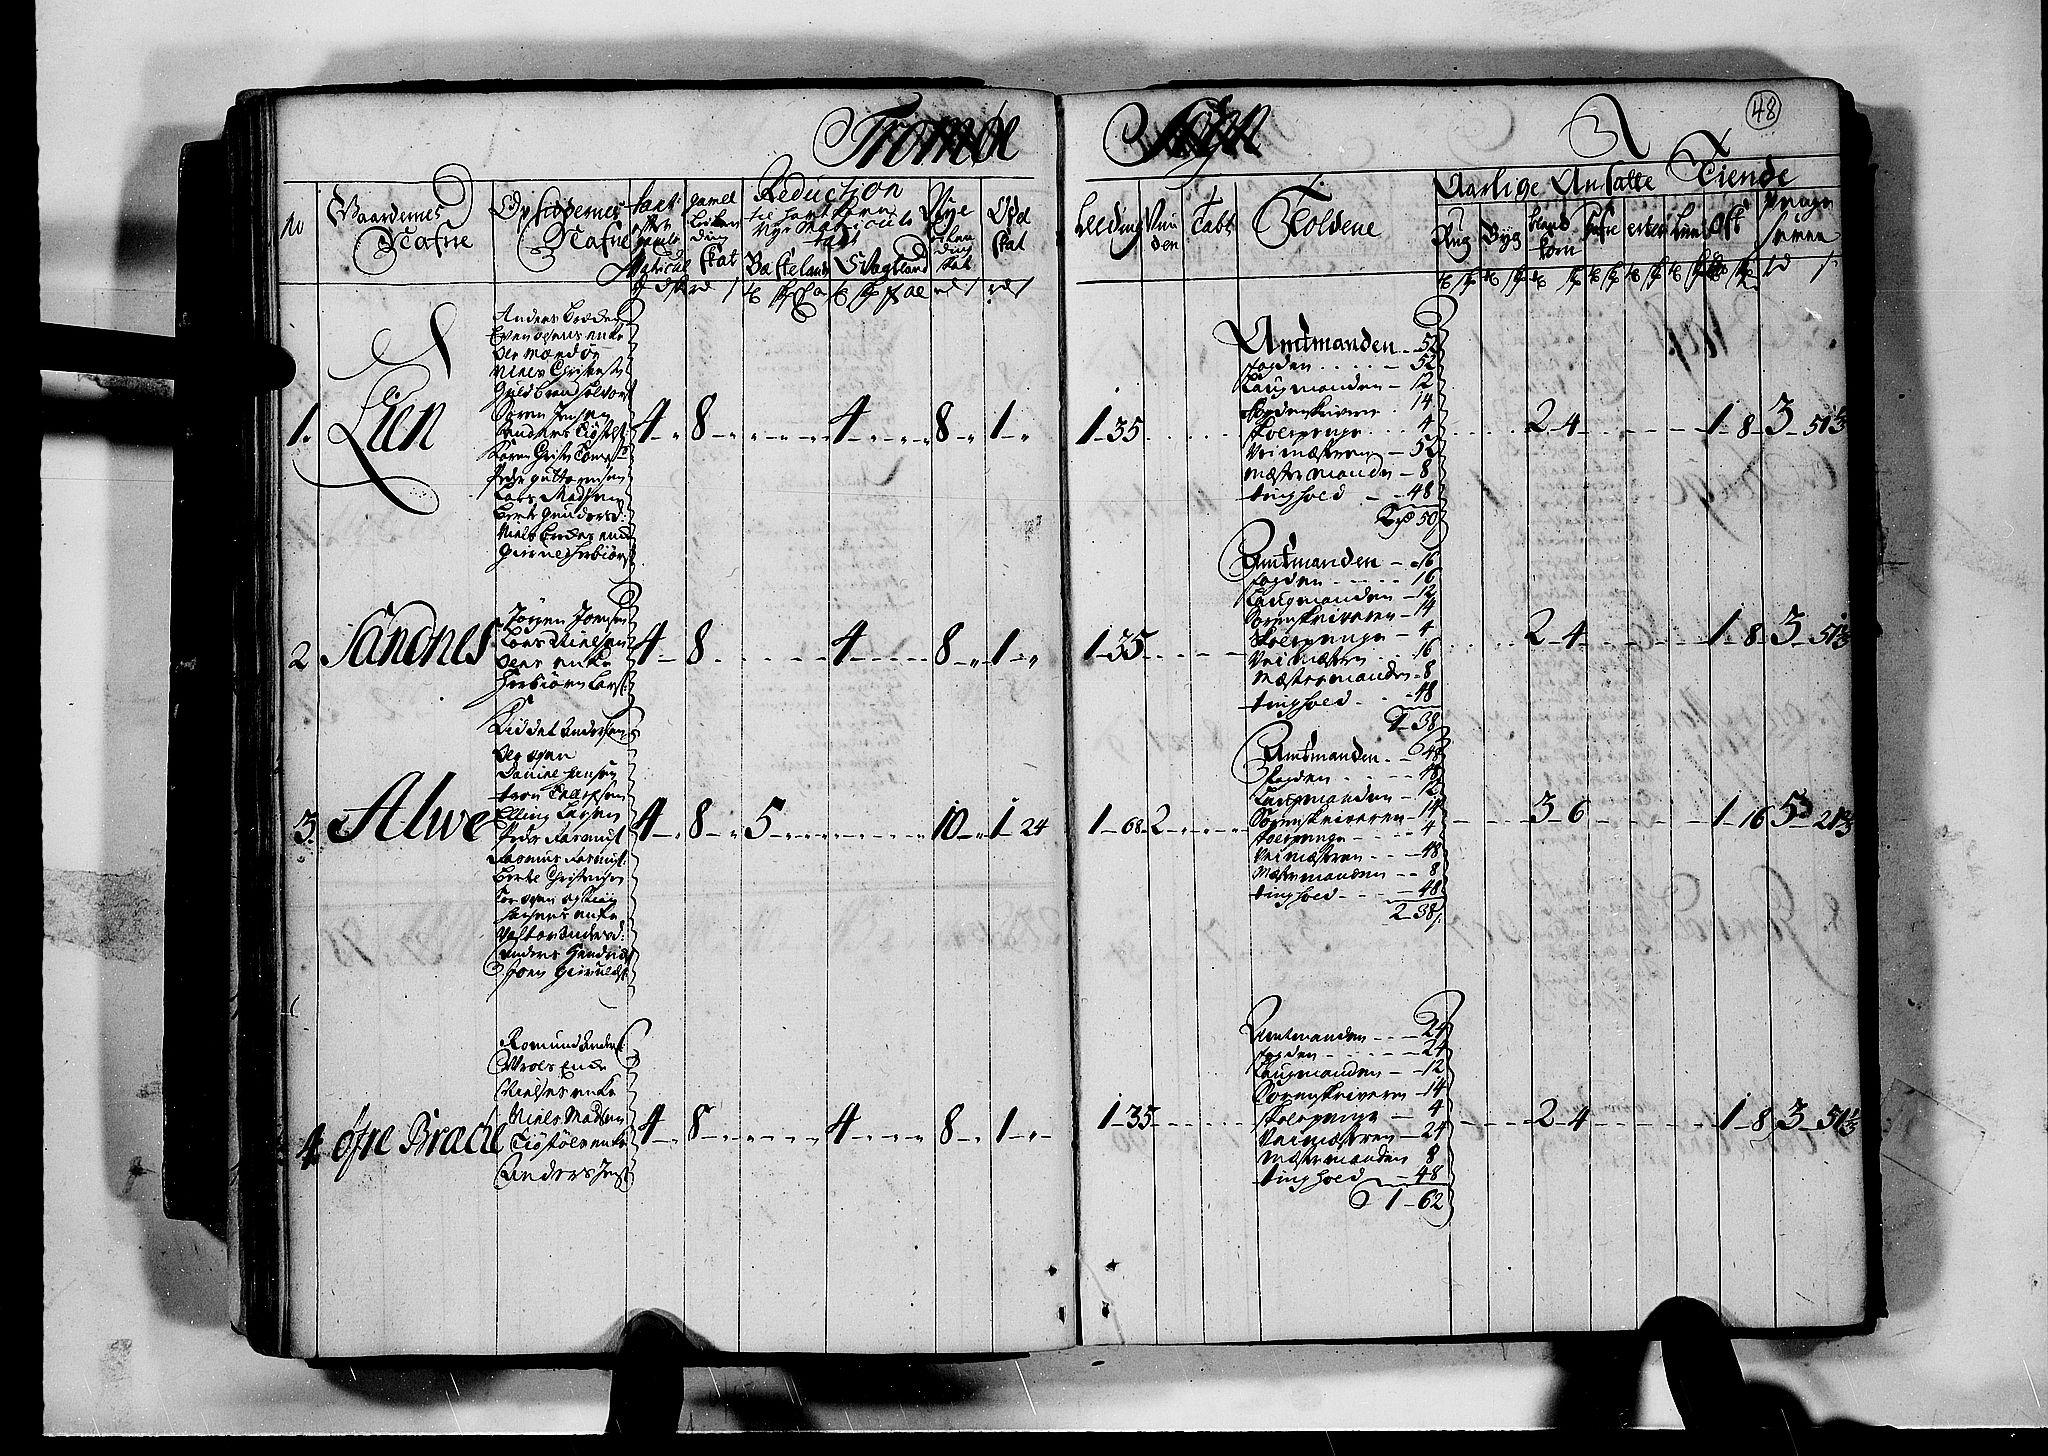 RA, Rentekammeret inntil 1814, Realistisk ordnet avdeling, N/Nb/Nbf/L0124: Nedenes matrikkelprotokoll, 1723, s. 47b-48a